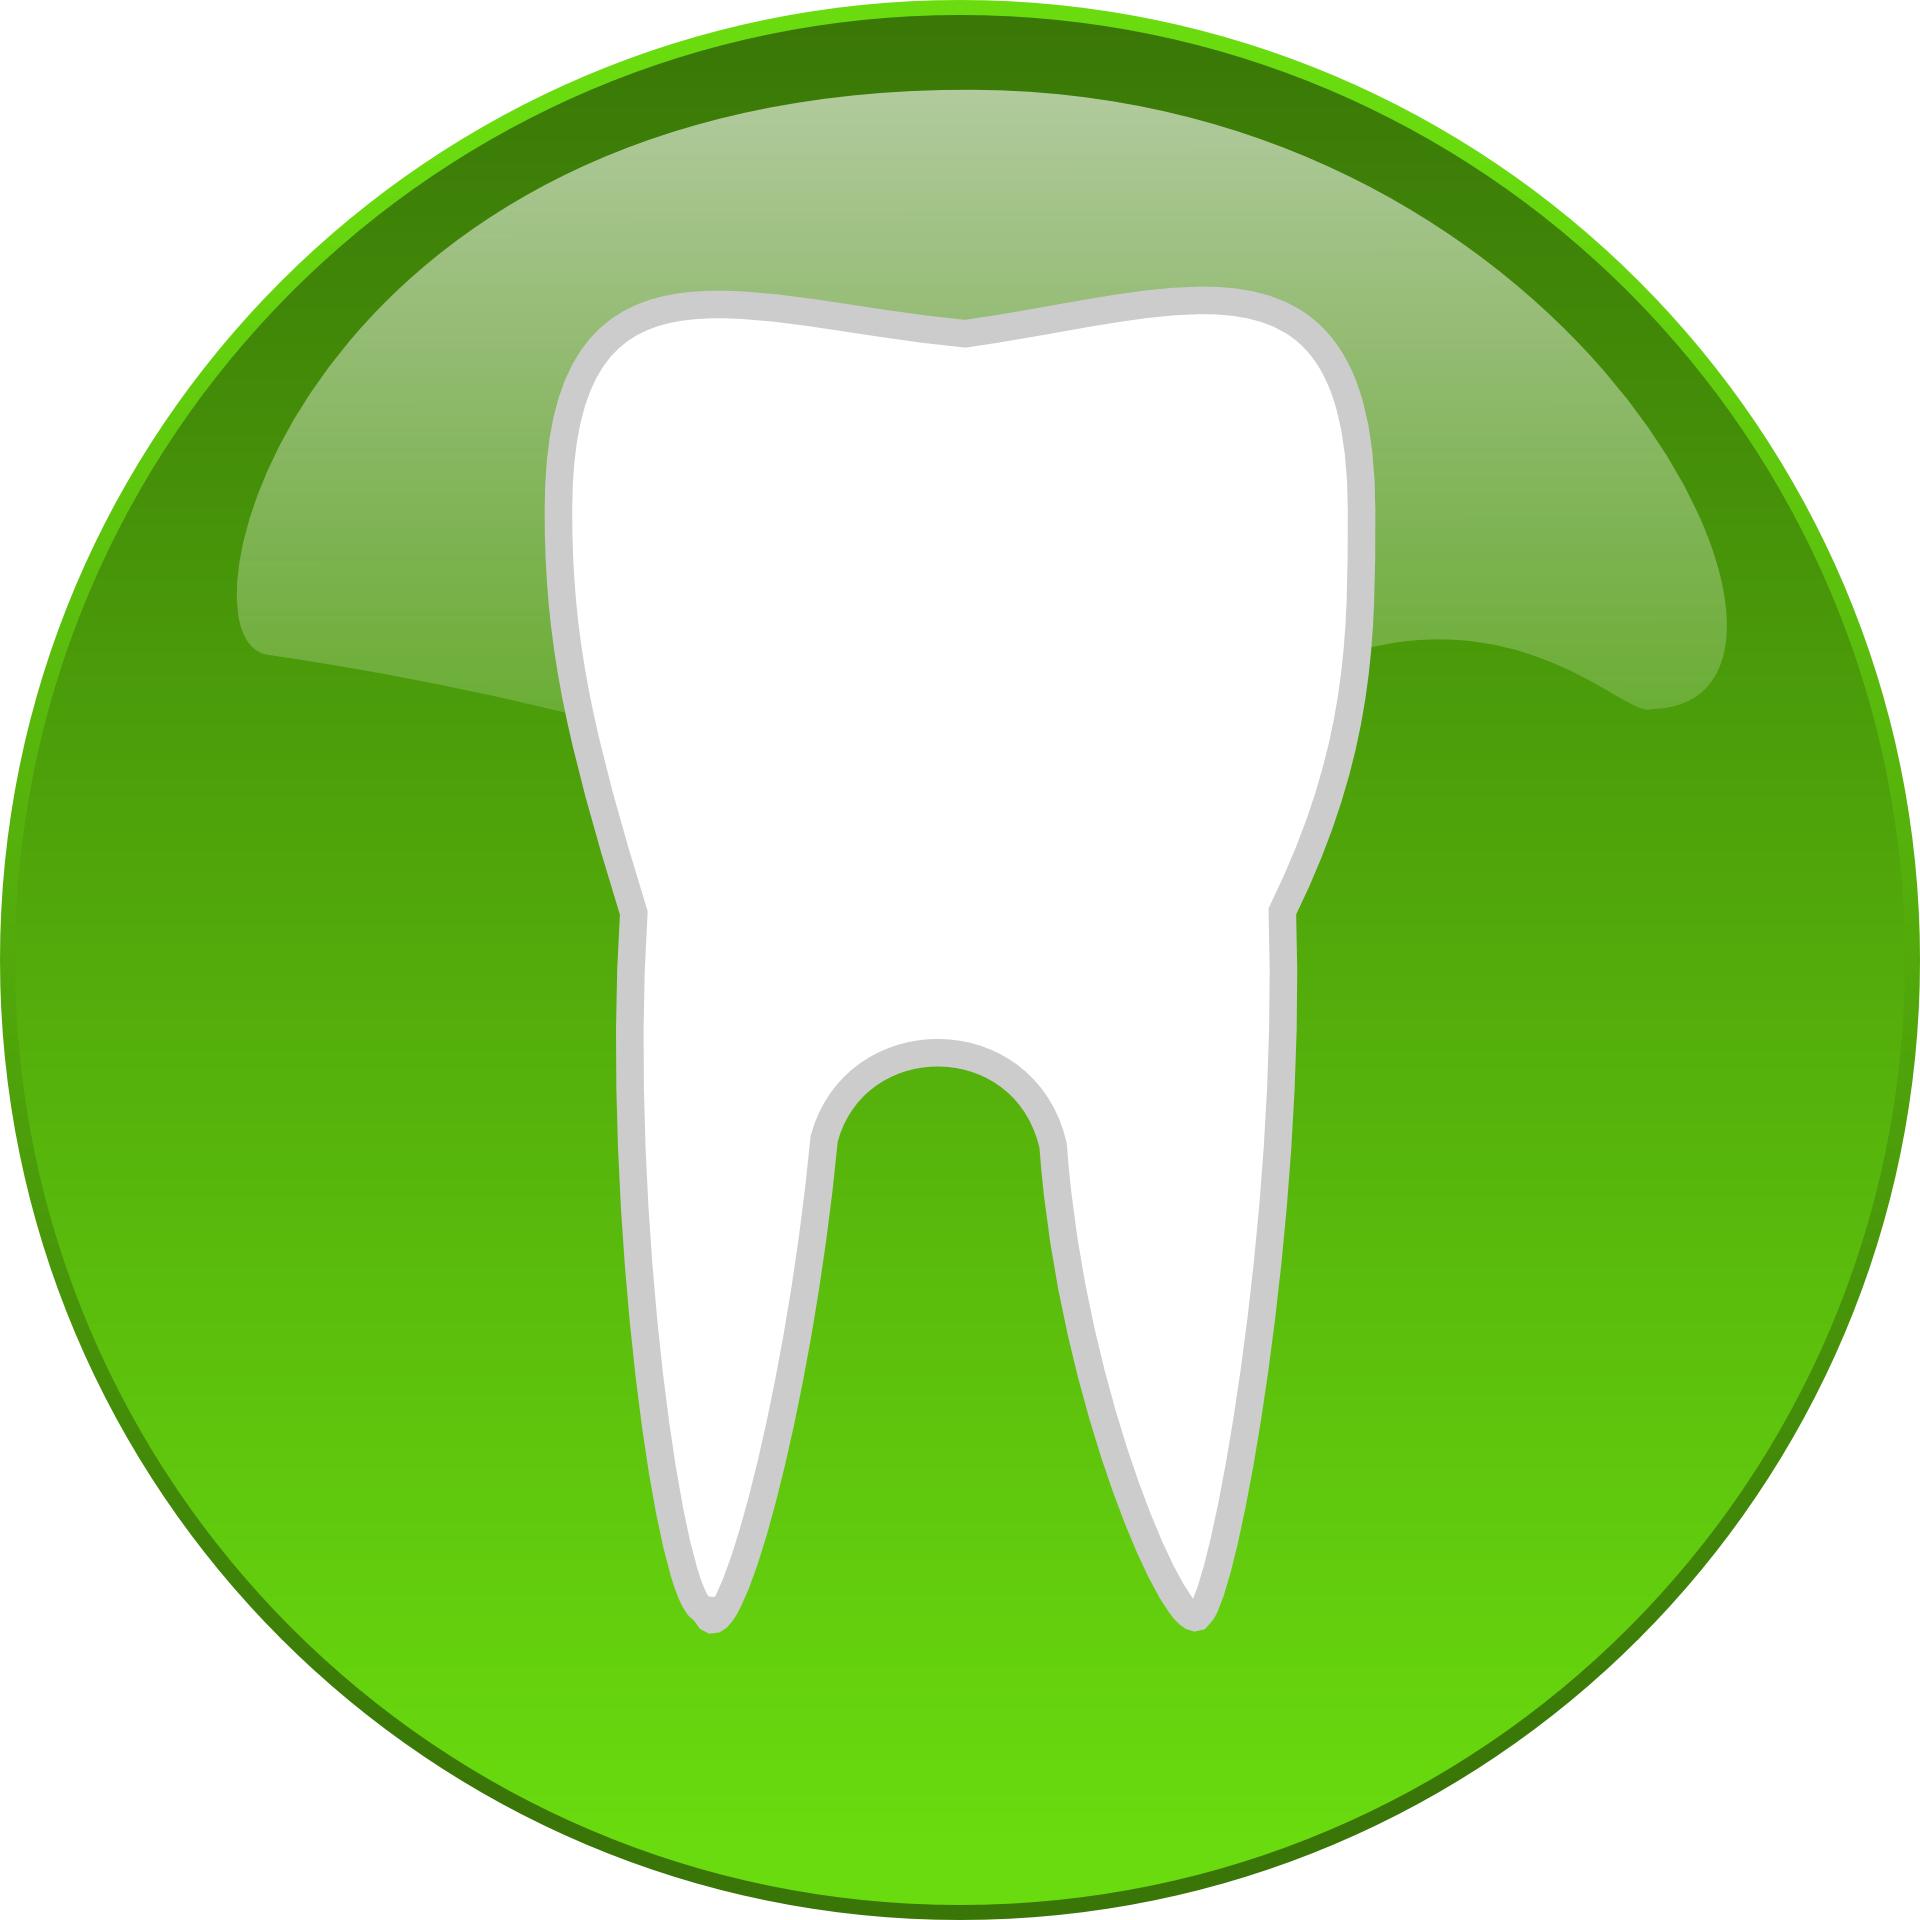 tooth logo clip art - photo #15